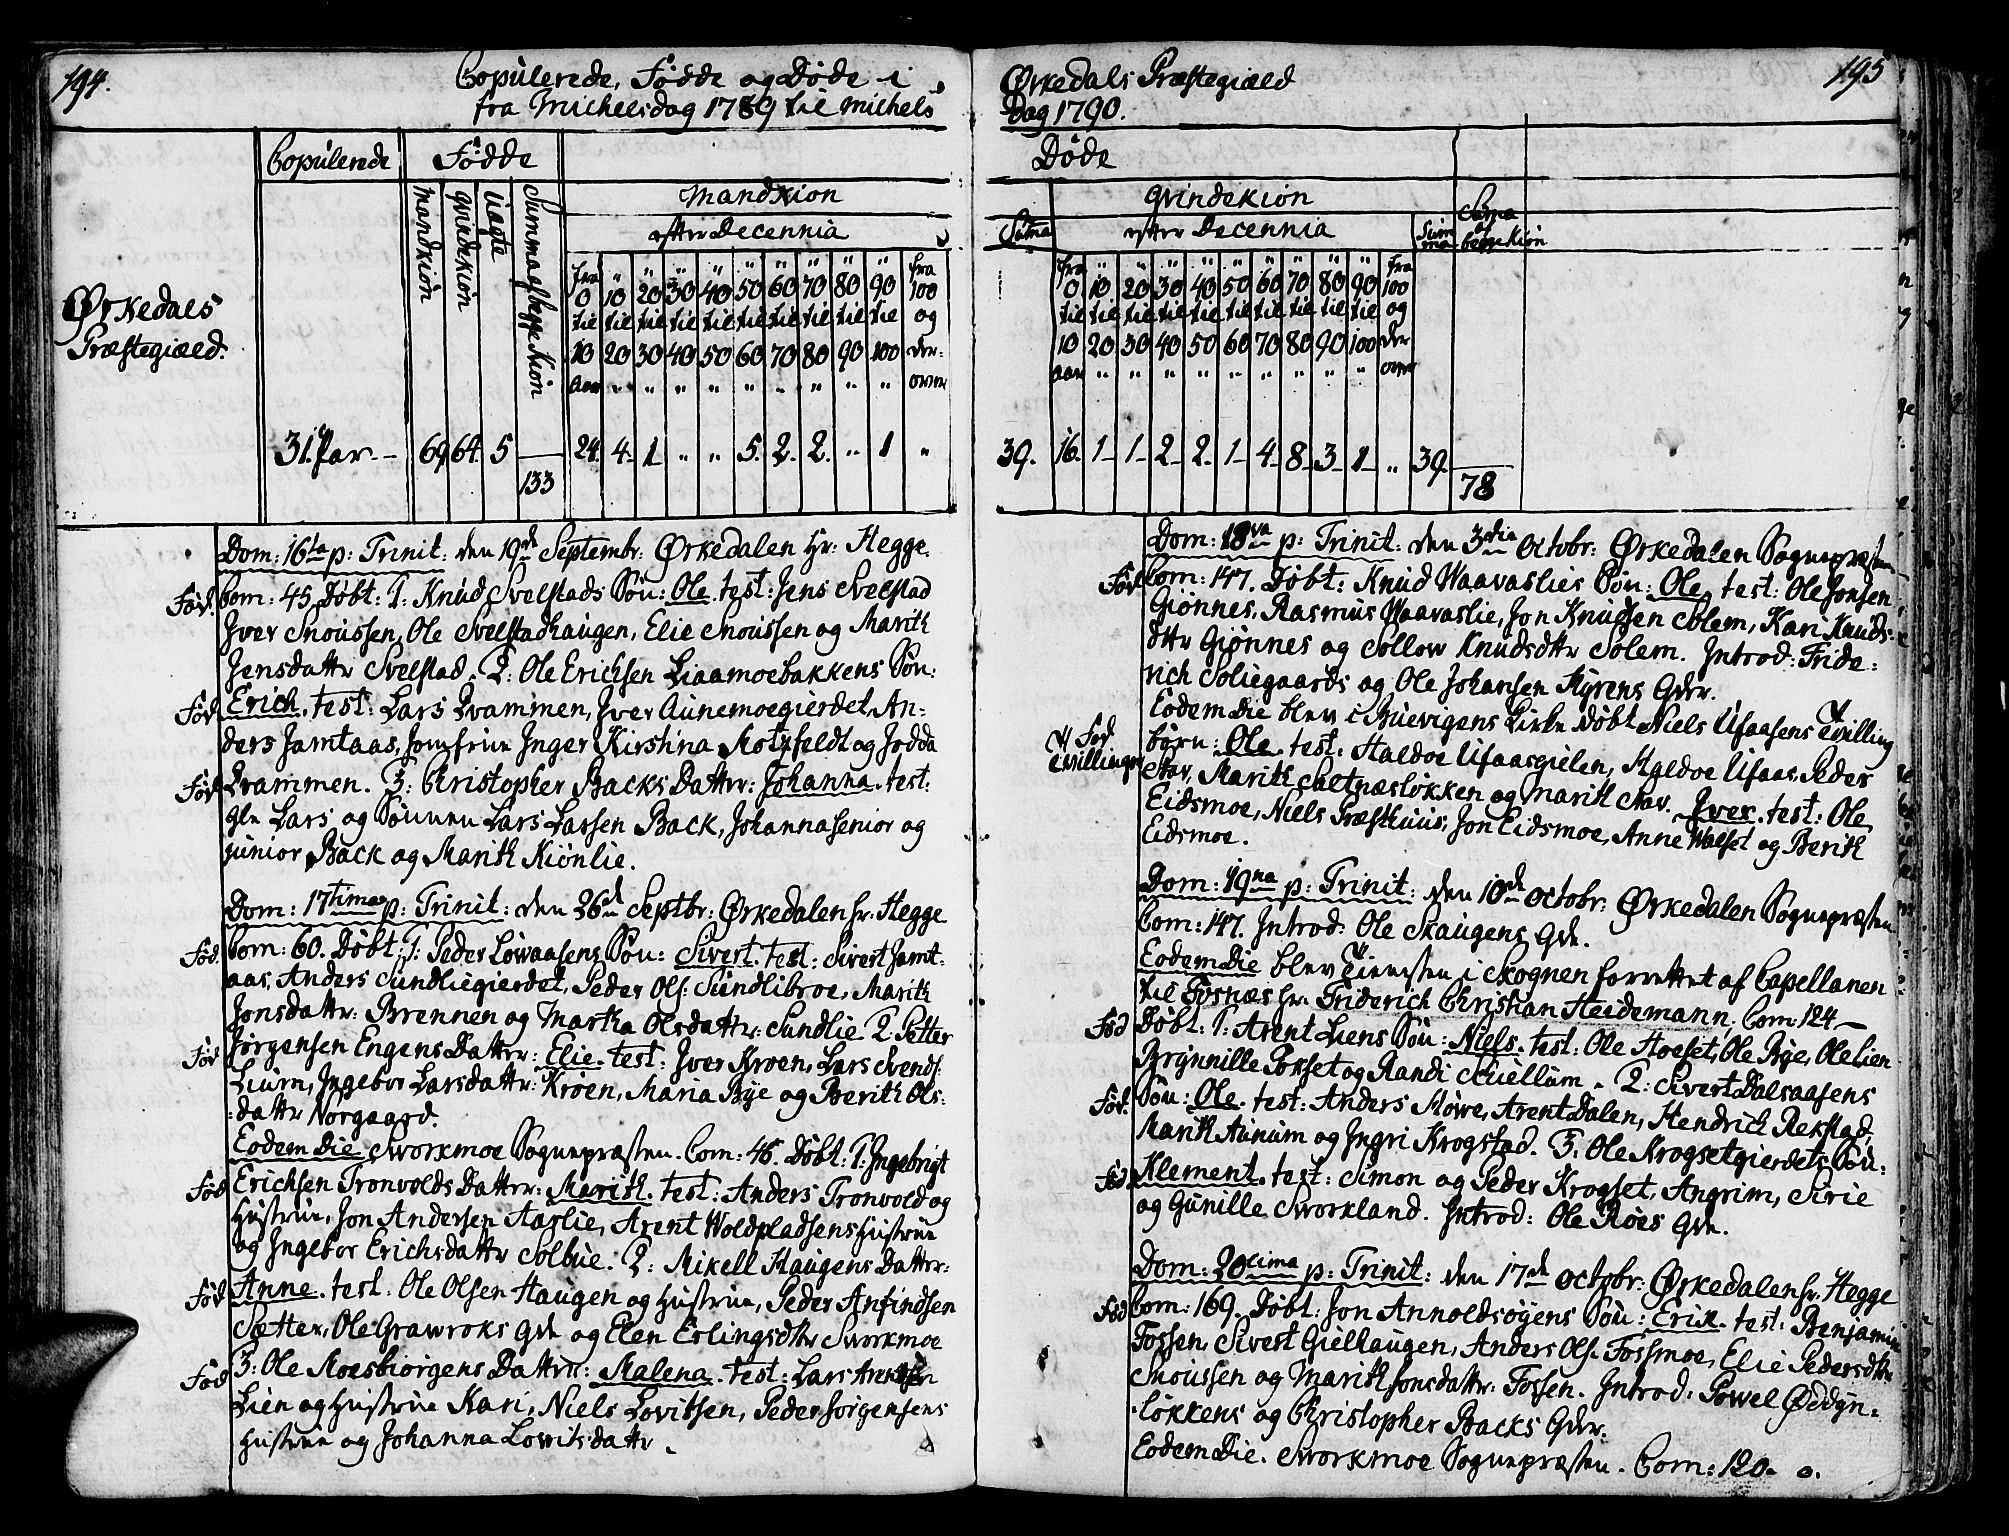 SAT, Ministerialprotokoller, klokkerbøker og fødselsregistre - Sør-Trøndelag, 668/L0802: Ministerialbok nr. 668A02, 1776-1799, s. 194-195